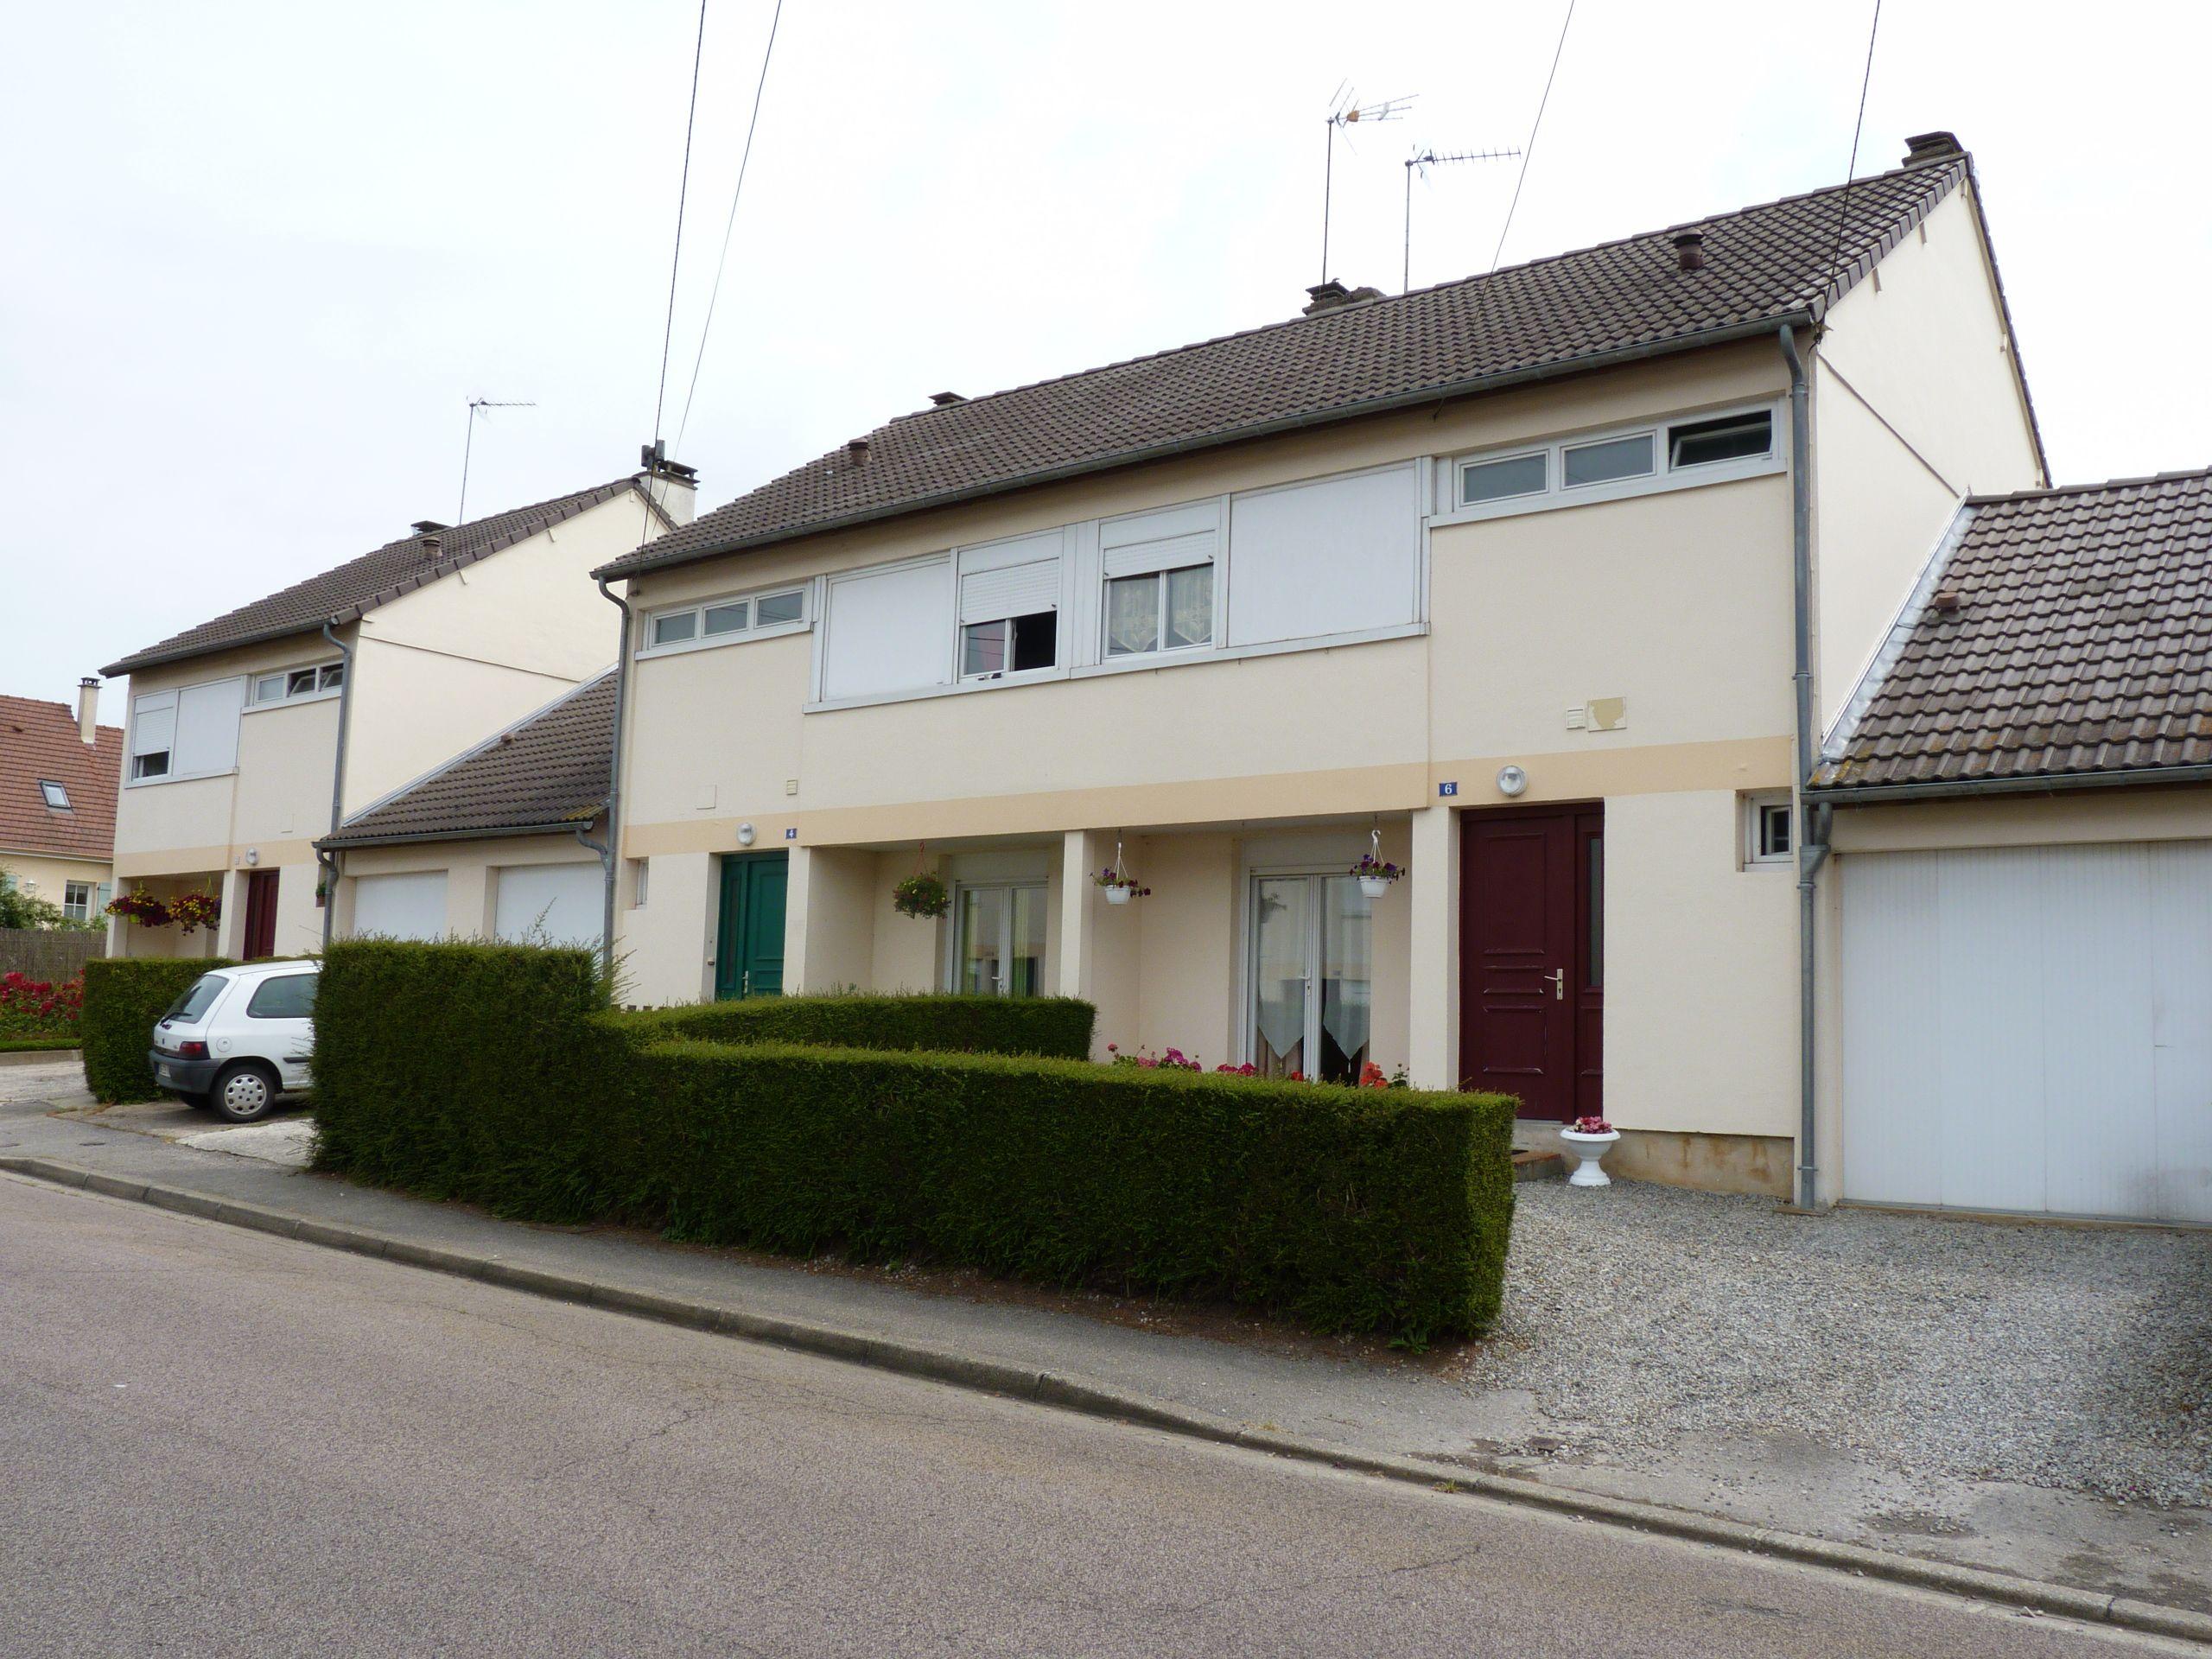 Logement gac locataion maison t4 orne for 82 rue brule maison lille